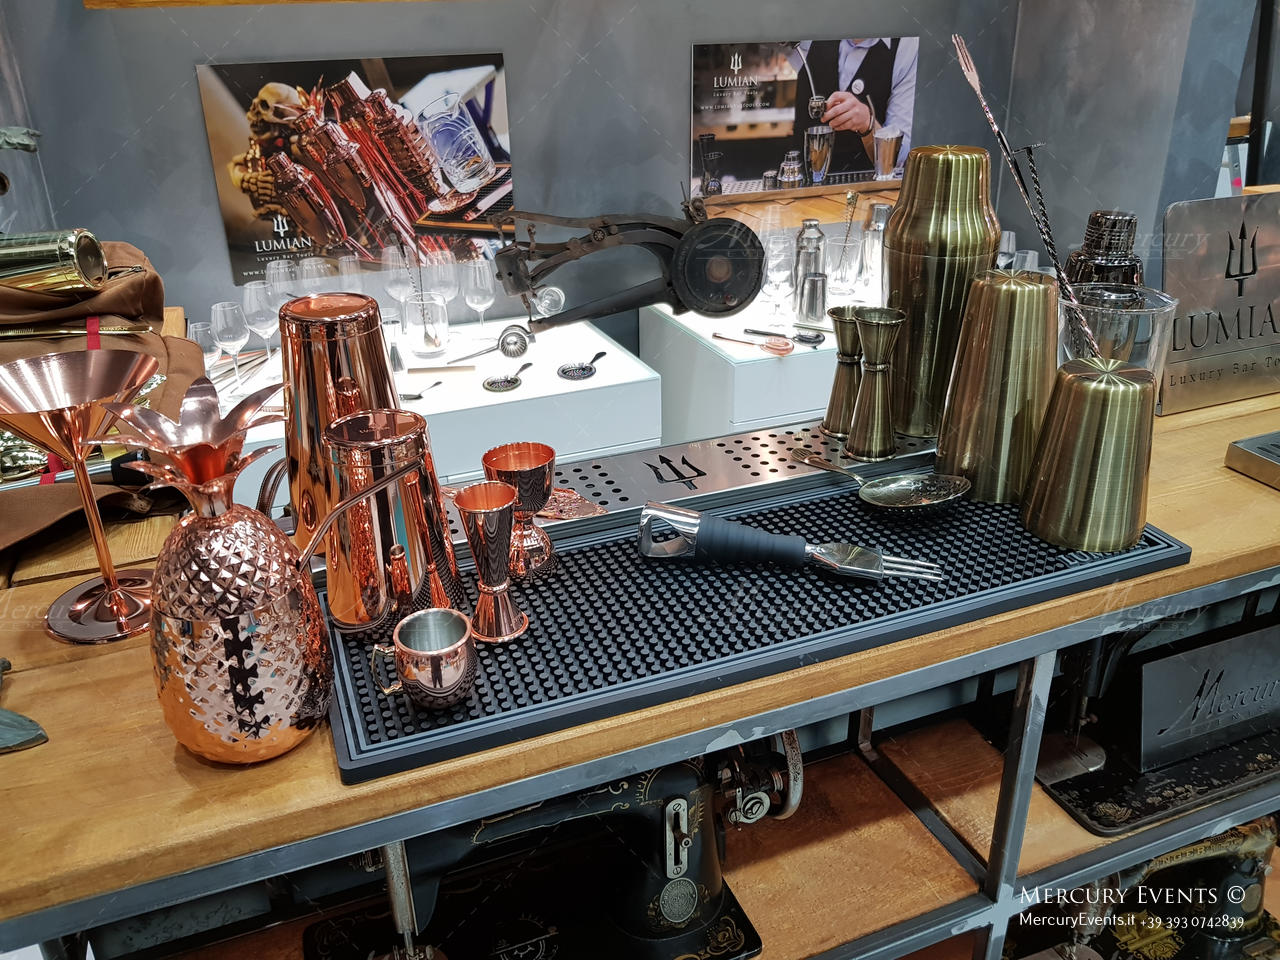 Attrezzature per Barman Lumian Bar Tools